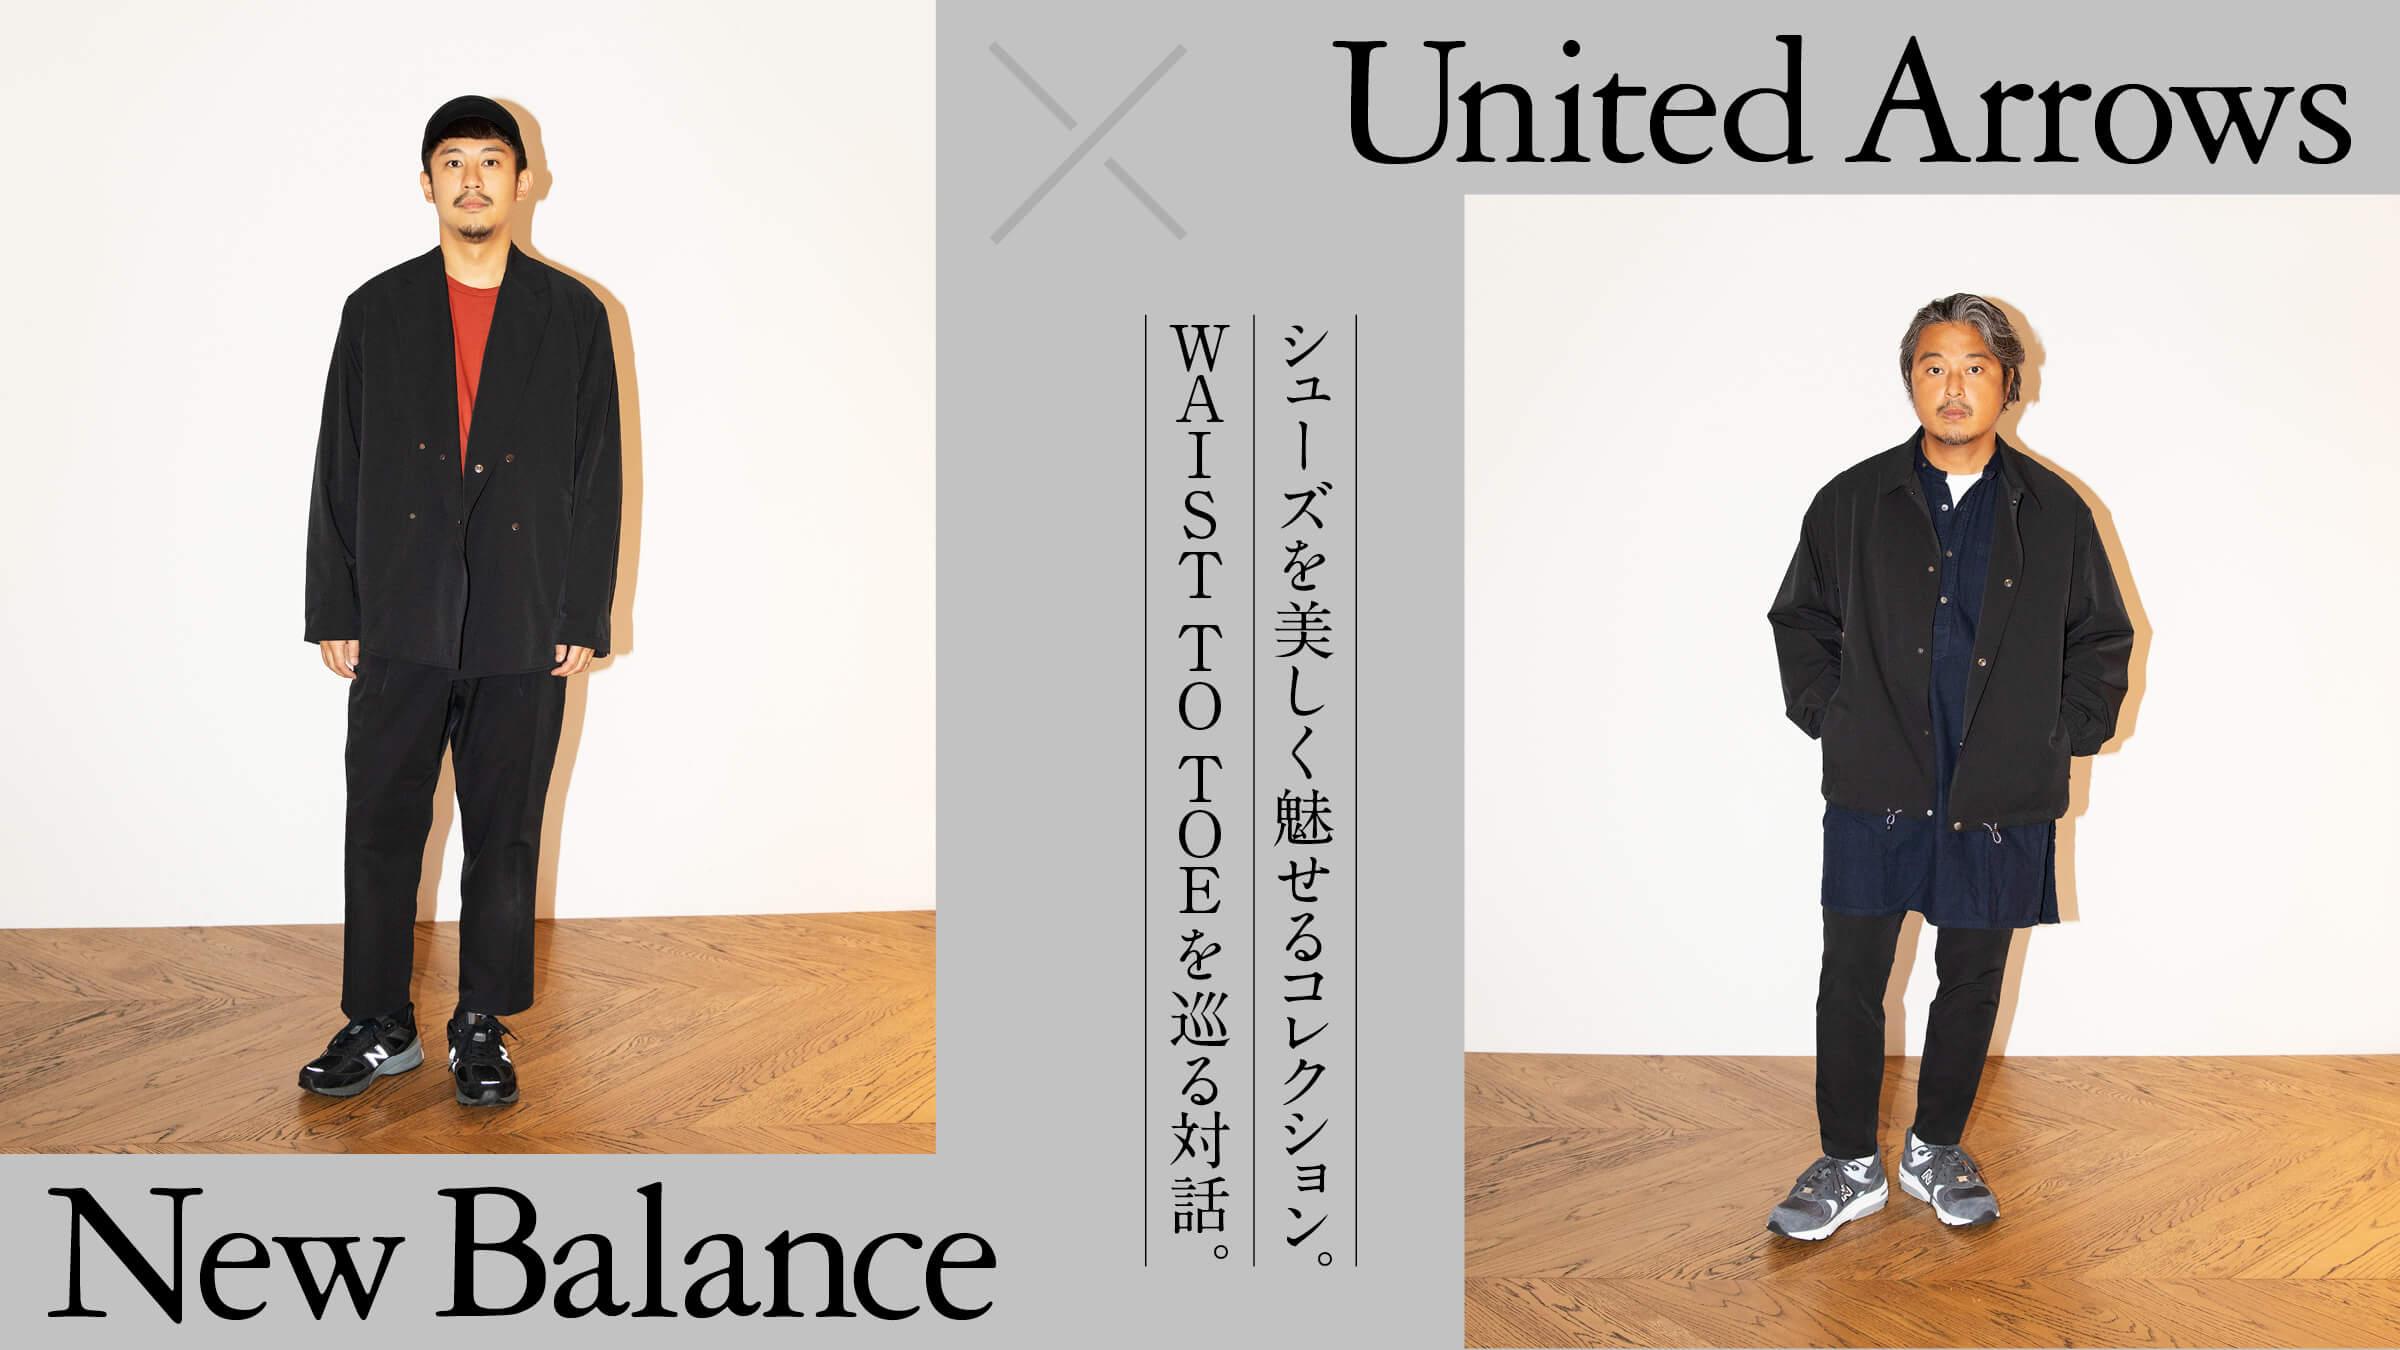 New Balance × United Arrows<br>シューズを美しく魅せるコレクション。 WAIST TO TOEを巡る対話。